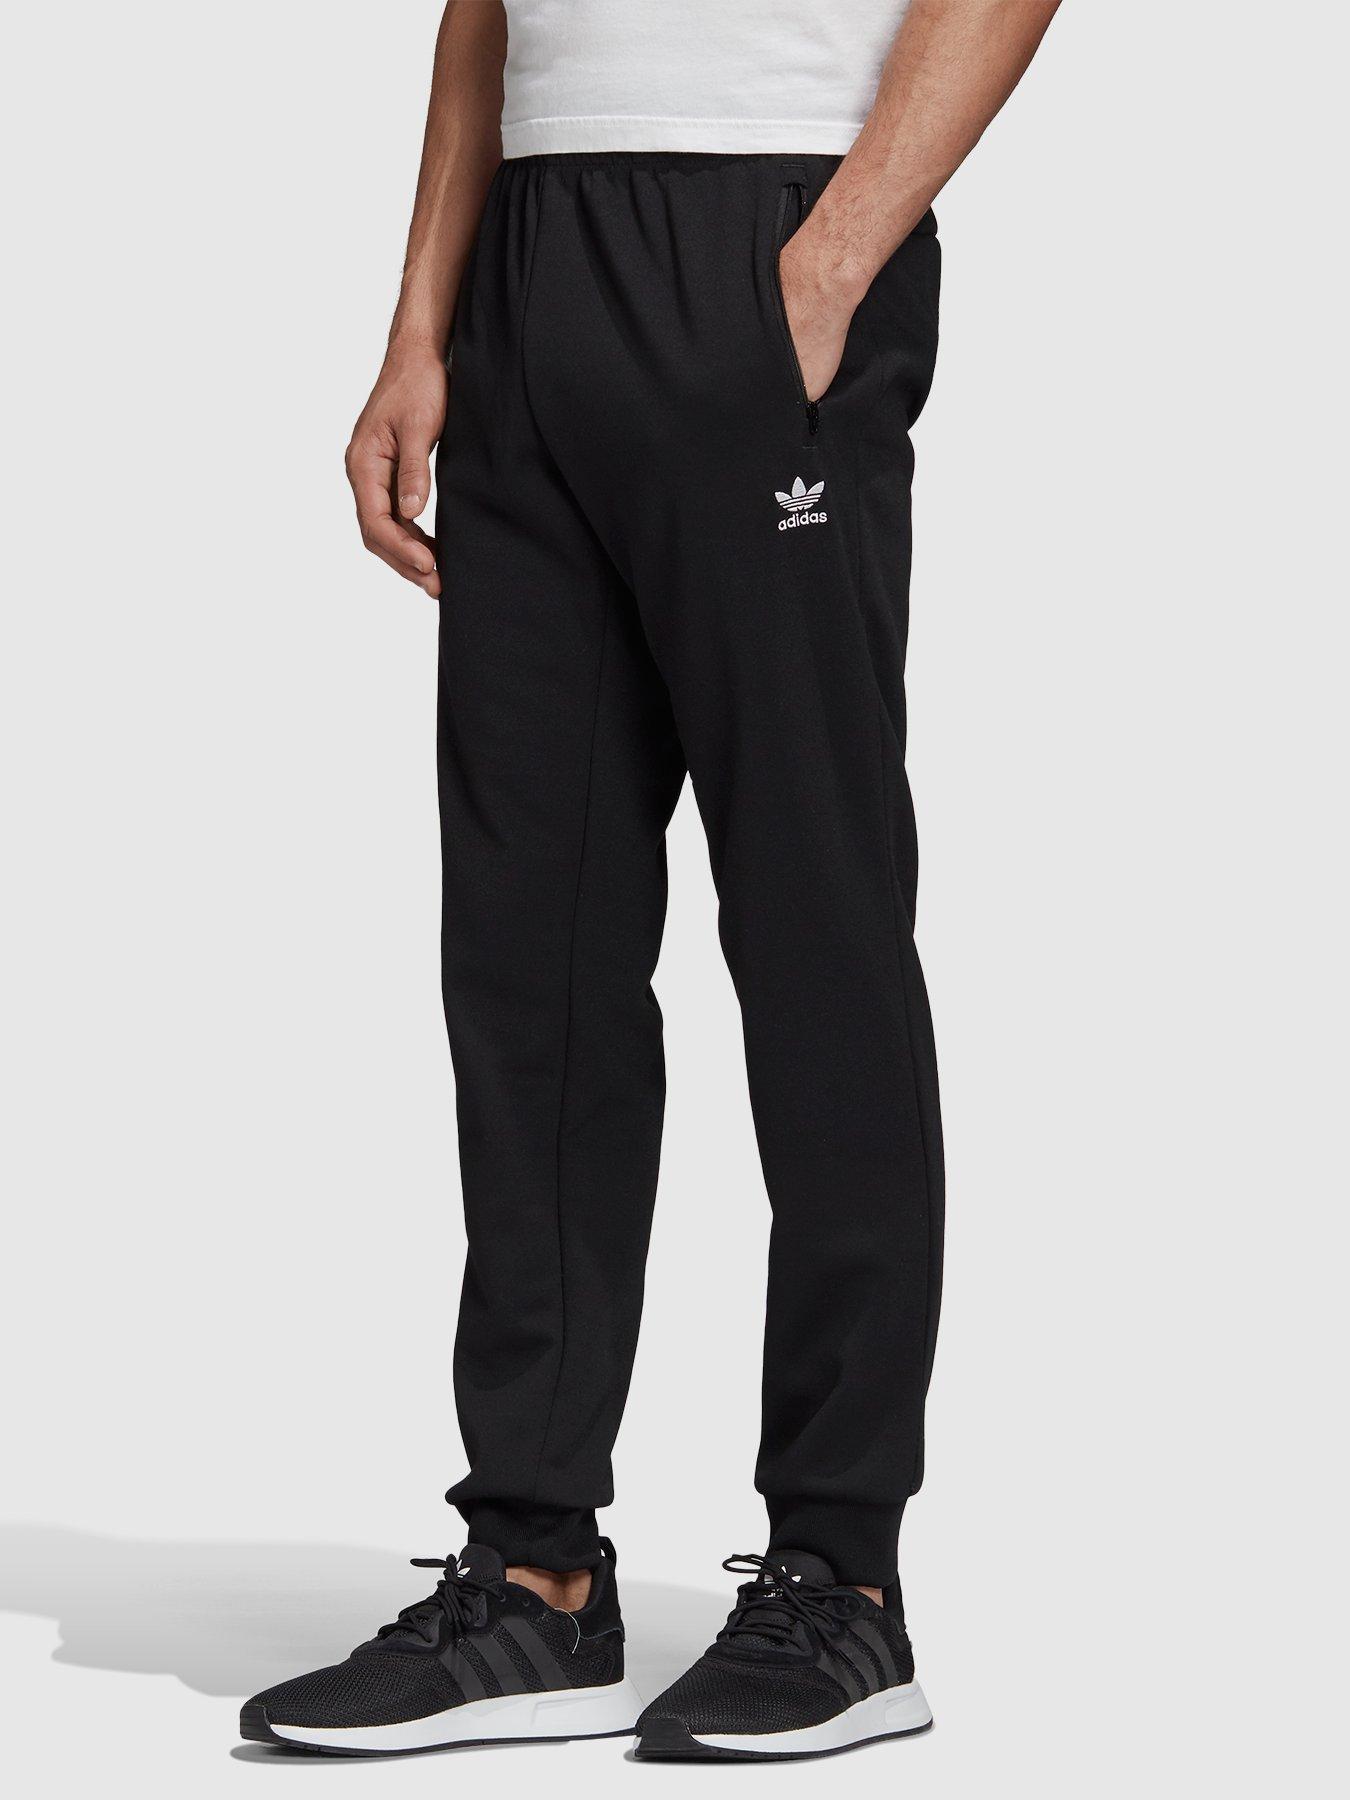 Adidas originals | Joggers | Men | www